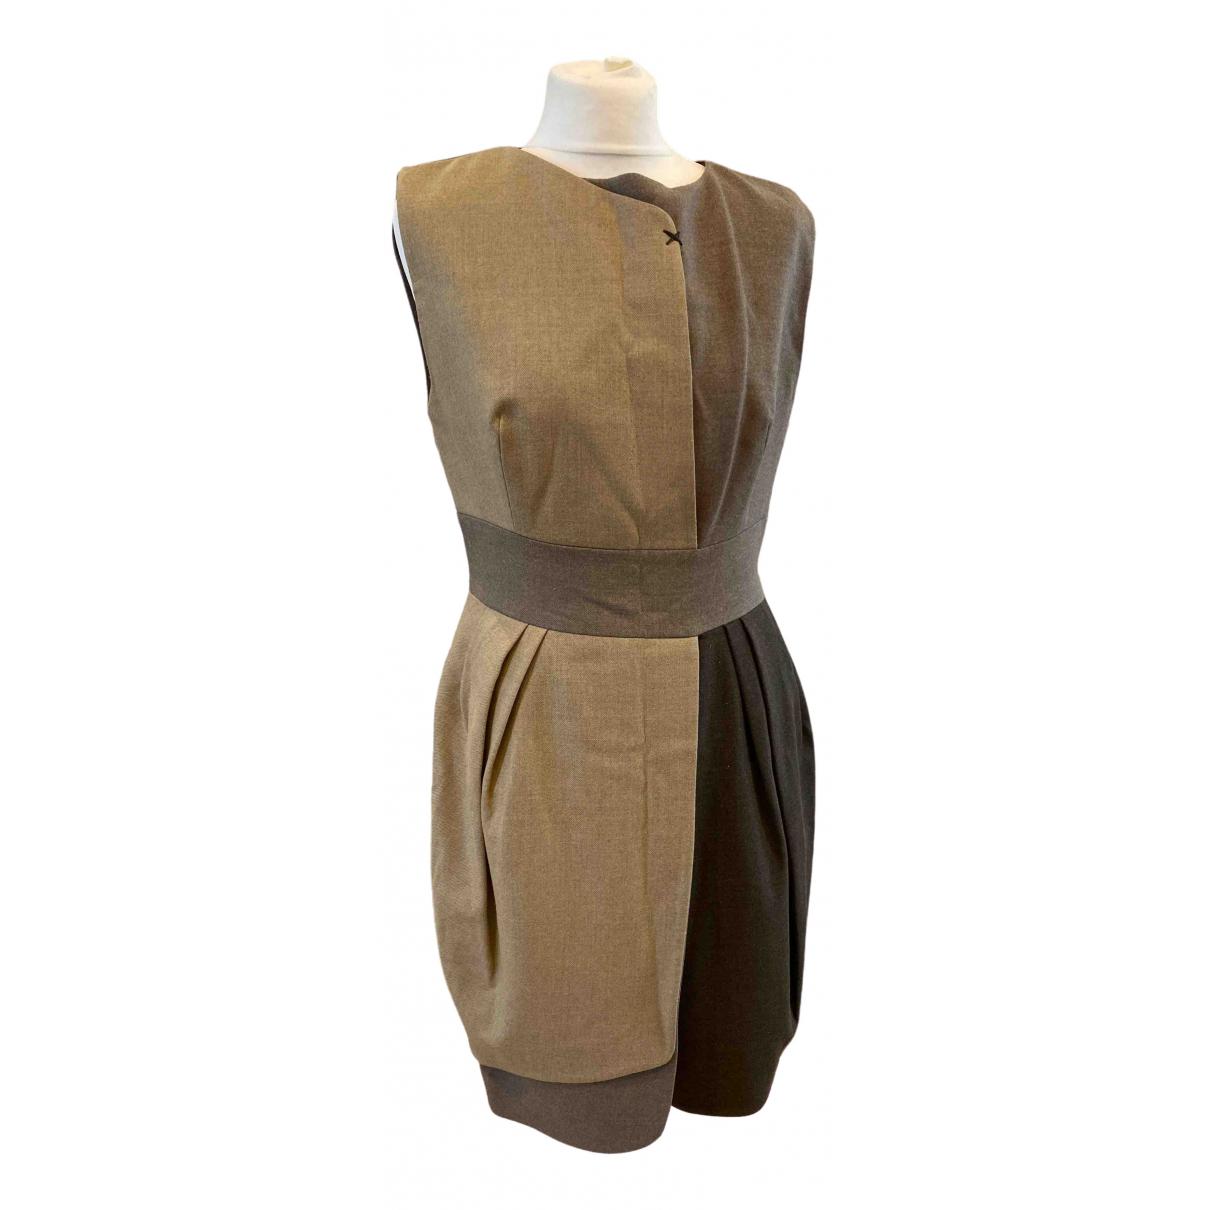 Dice Kayek \N Kleid in  Beige Wolle